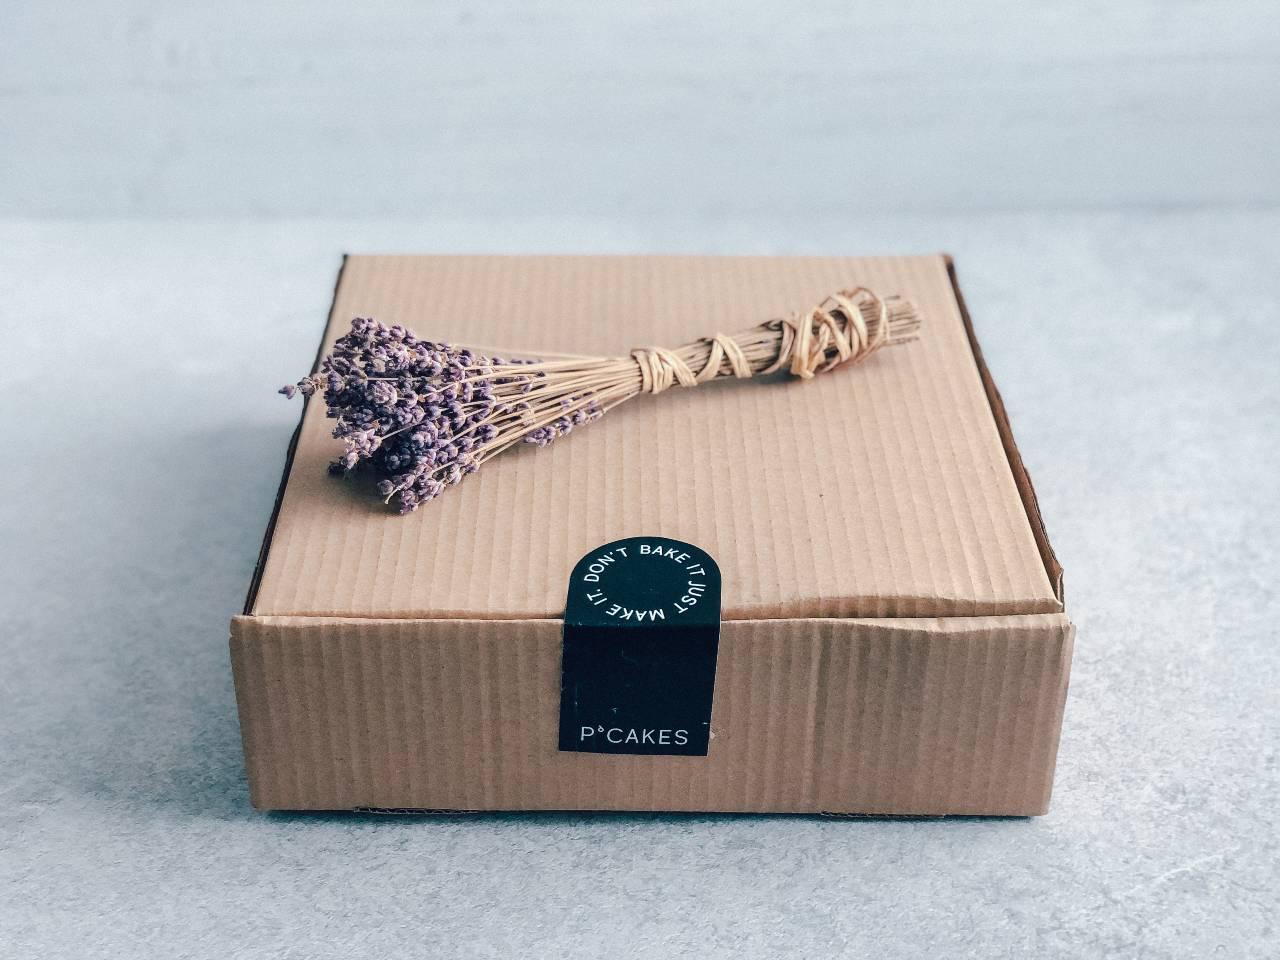 Petras Cakes paket